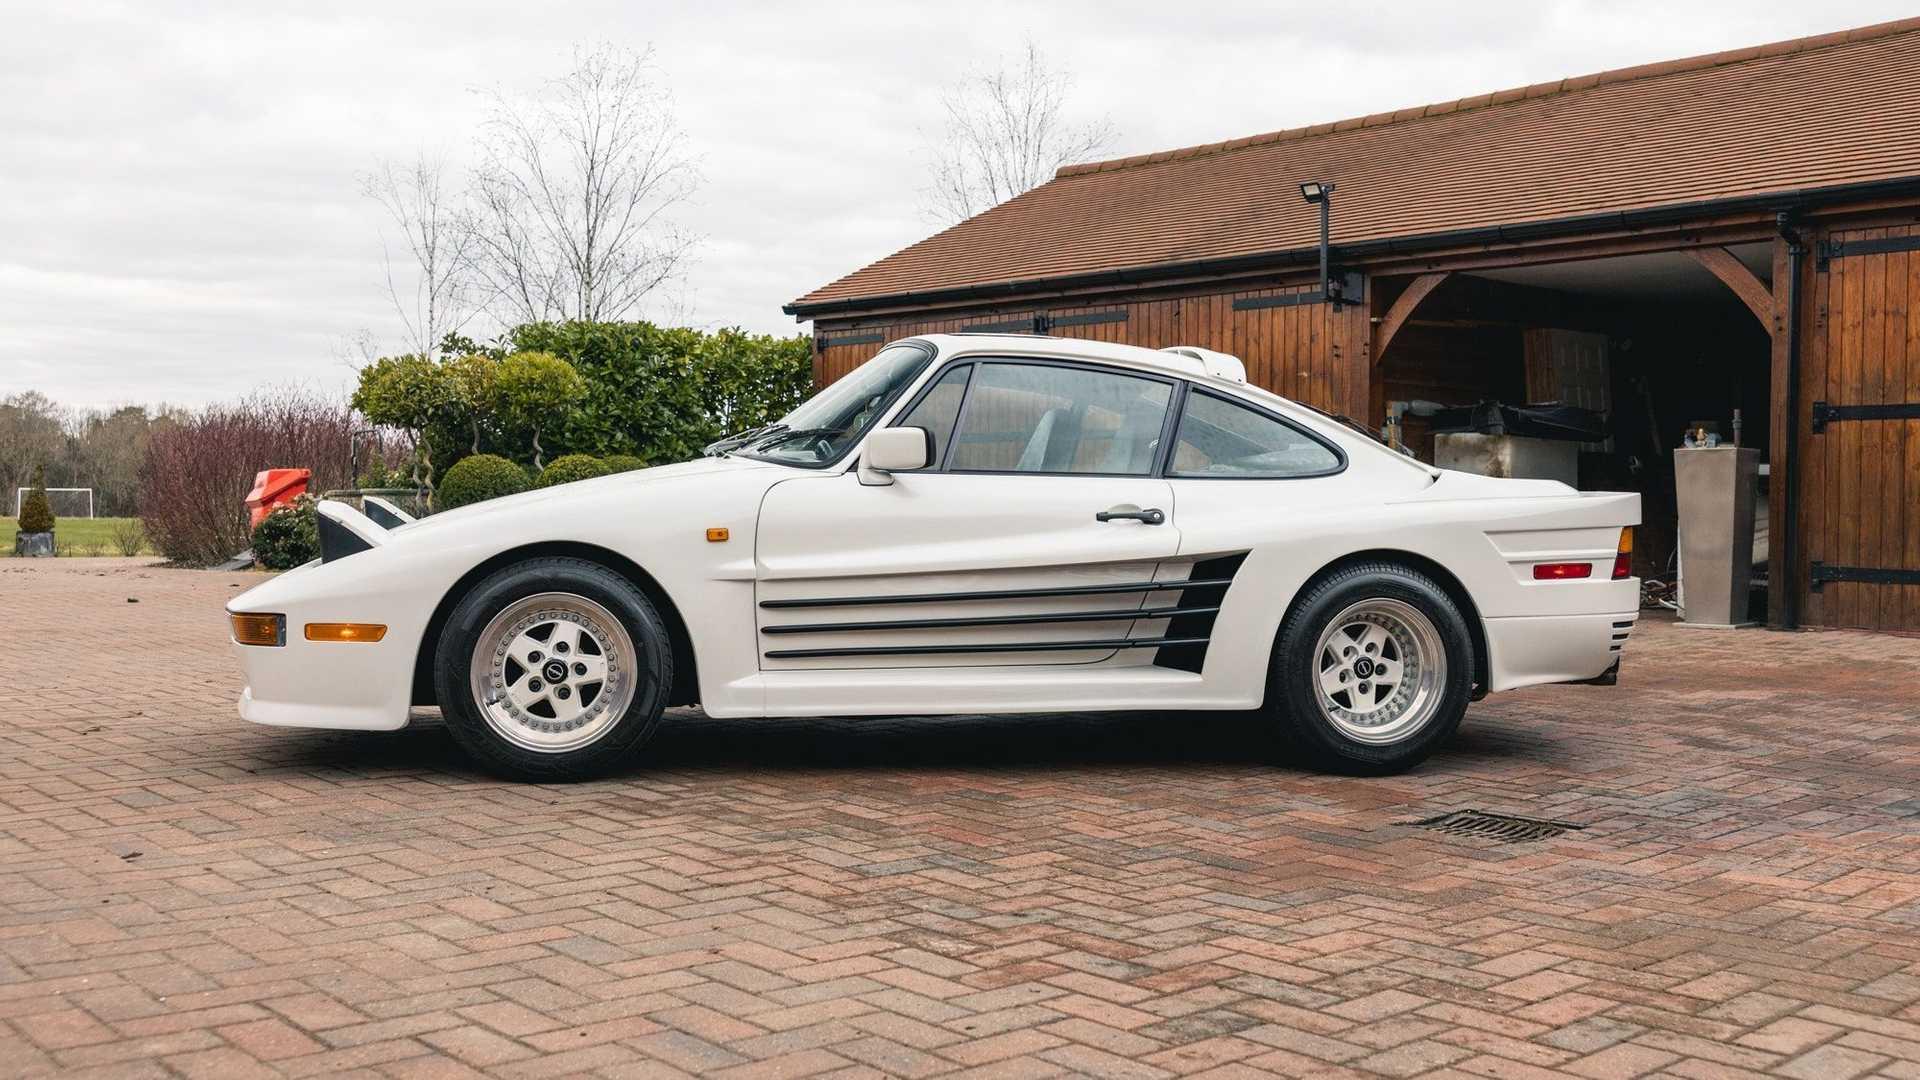 Porsche-911-930-Turbo-Rinspeed-R69-for-sale-3